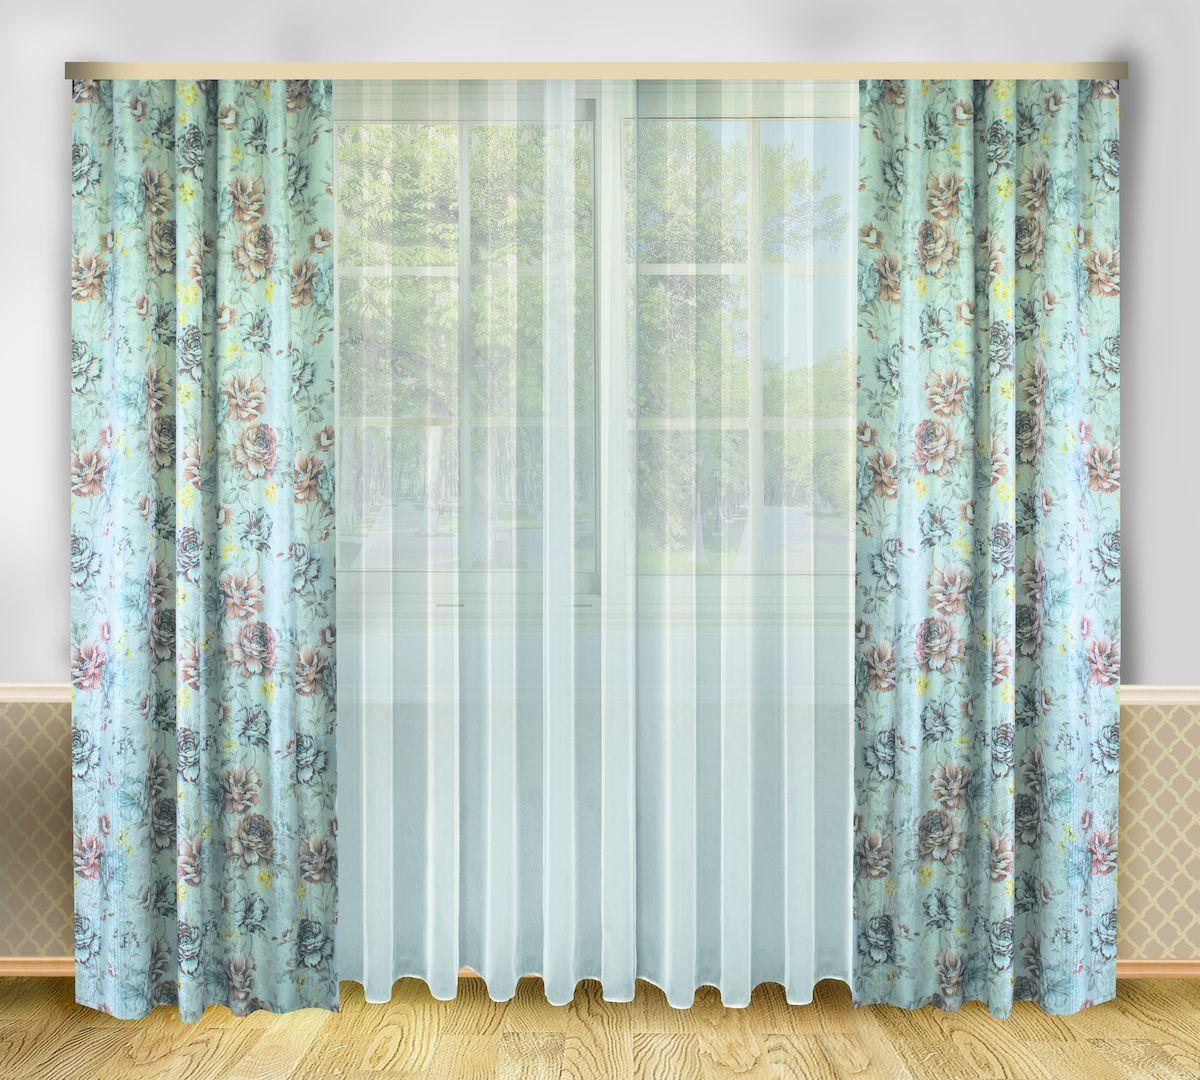 Комплект штор Zlata Korunka, на ленте, цвет: серо-голубой, высота 250 см. 6666166661Роскошный комплект штор Zlata Korunka, выполненный из полиэстера, великолепно украсит любое окно. Комплект состоит из тюля и двух штор. Цветочный рисунок и приятная цветовая гамма привлекут к себе внимание и органично впишутся в интерьер помещения. Этот комплект будет долгое время радовать вас и вашу семью! Комплект крепится на карниз при помощи ленты, которая поможет красиво и равномерно задрапировать верх. В комплект входит: Тюль: 1 шт. Размер (Ш х В): 290 см х 250 см. Штора: 2 шт. Размер (Ш х В): 138 см х 250 см.